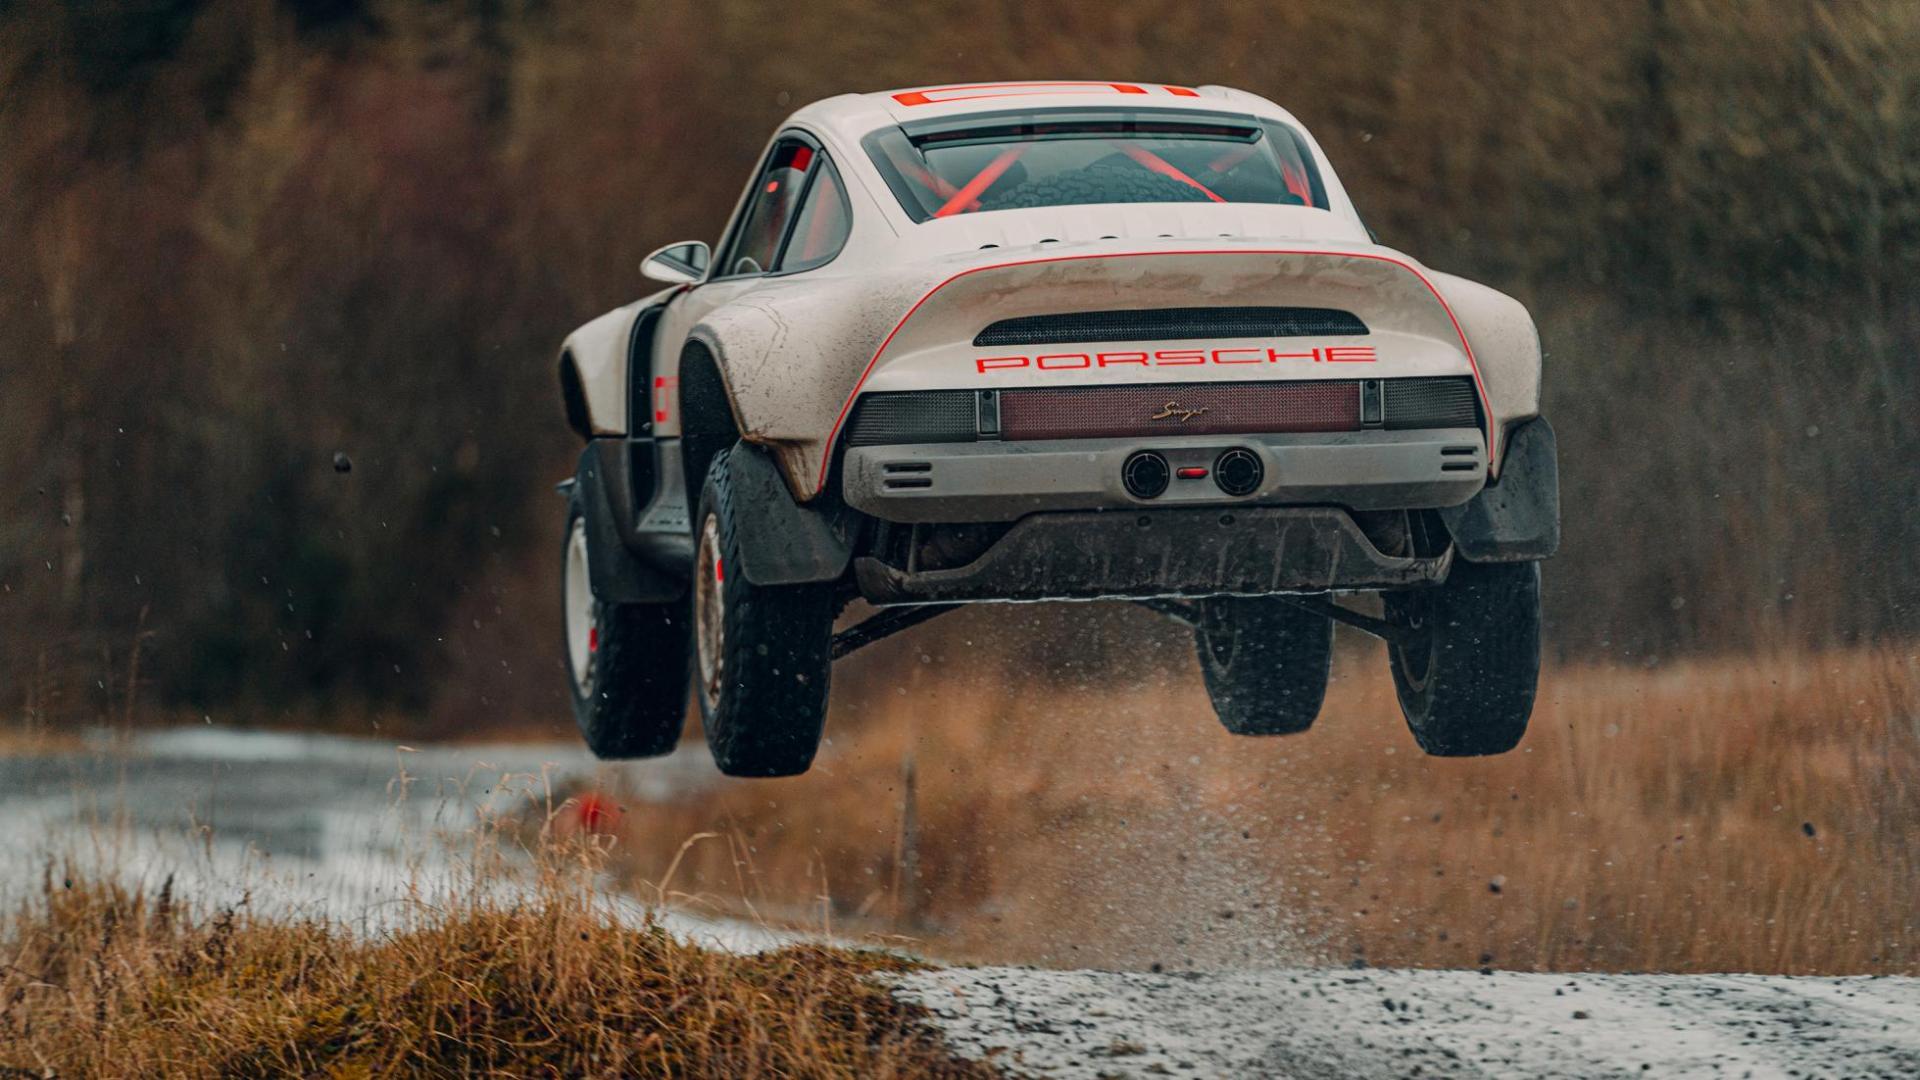 Singer Safari 911 (Porsche 911 964) sprong